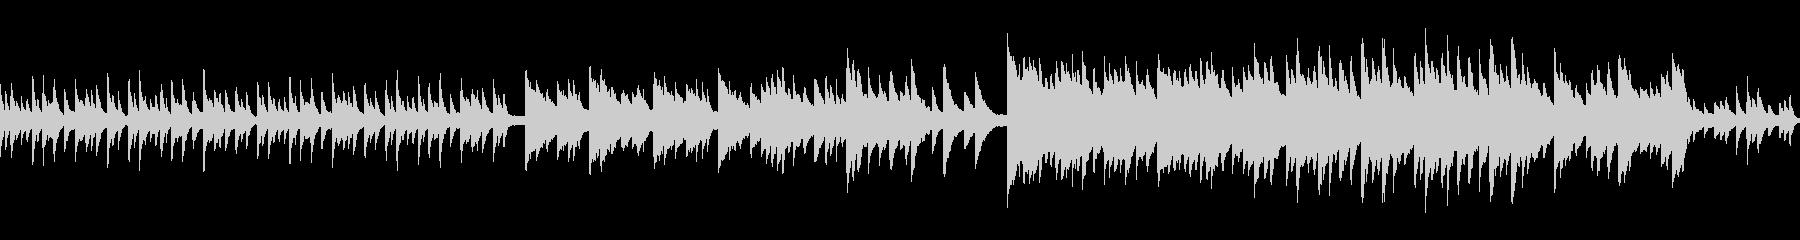 ループ 和を感じる切ないピアノソロの未再生の波形